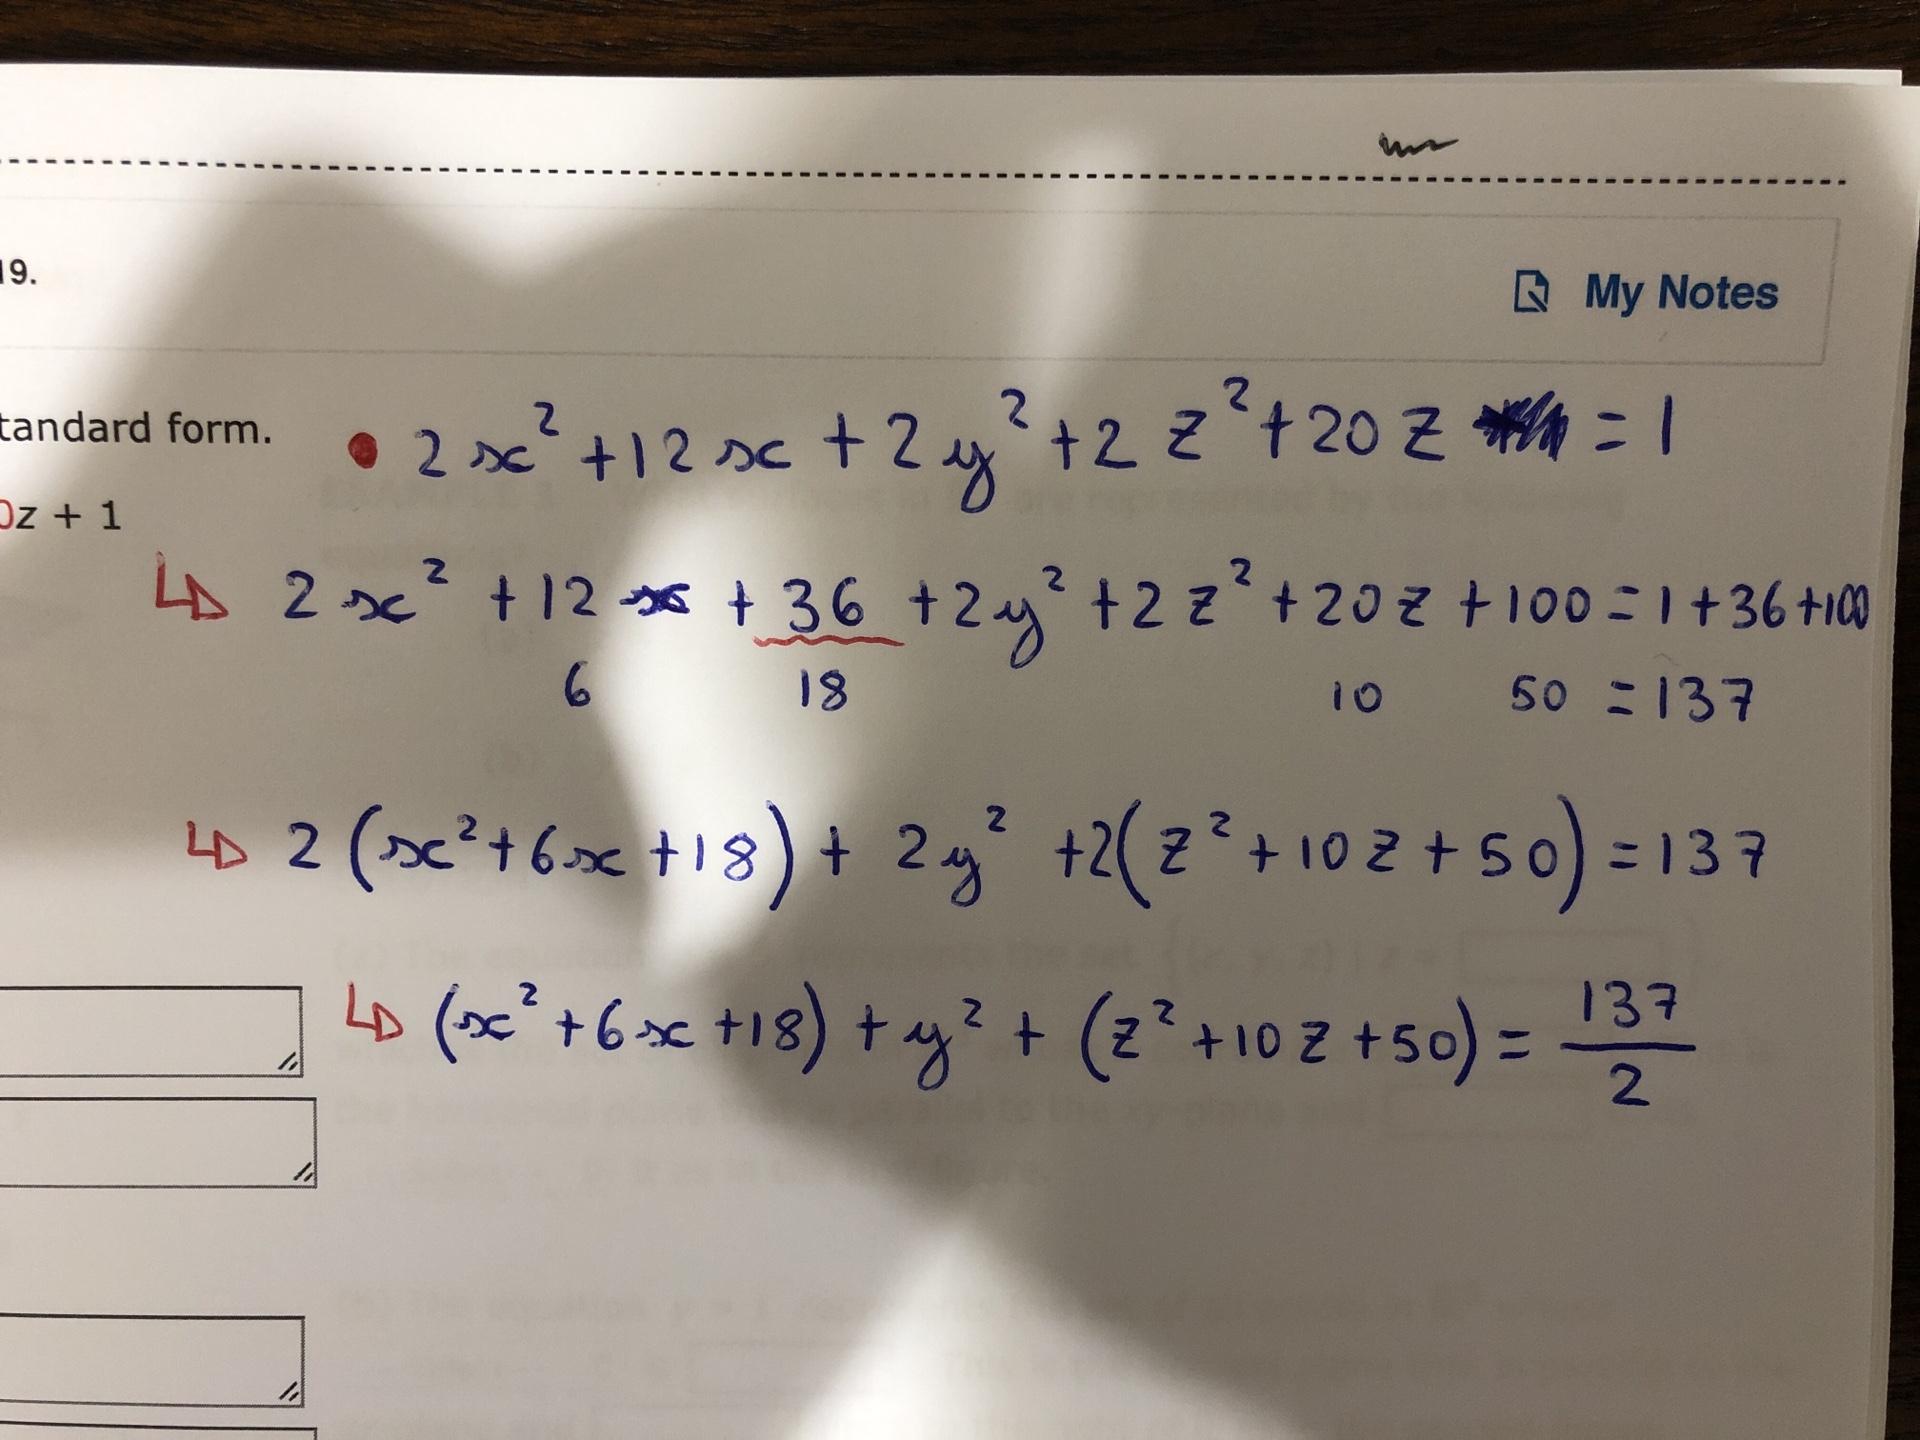 9. My Notes 2 +12 Dc t22 t20 z W tandard form. Oz 1 Ls 2 t 12 36 t2 t2 z^+207 t100 - 1 +36 +10) 50 137 18 (et61) 2 +2102 + 50) 137 LD 2 Lp (act6e t18) t 137 (z102 +50)=2